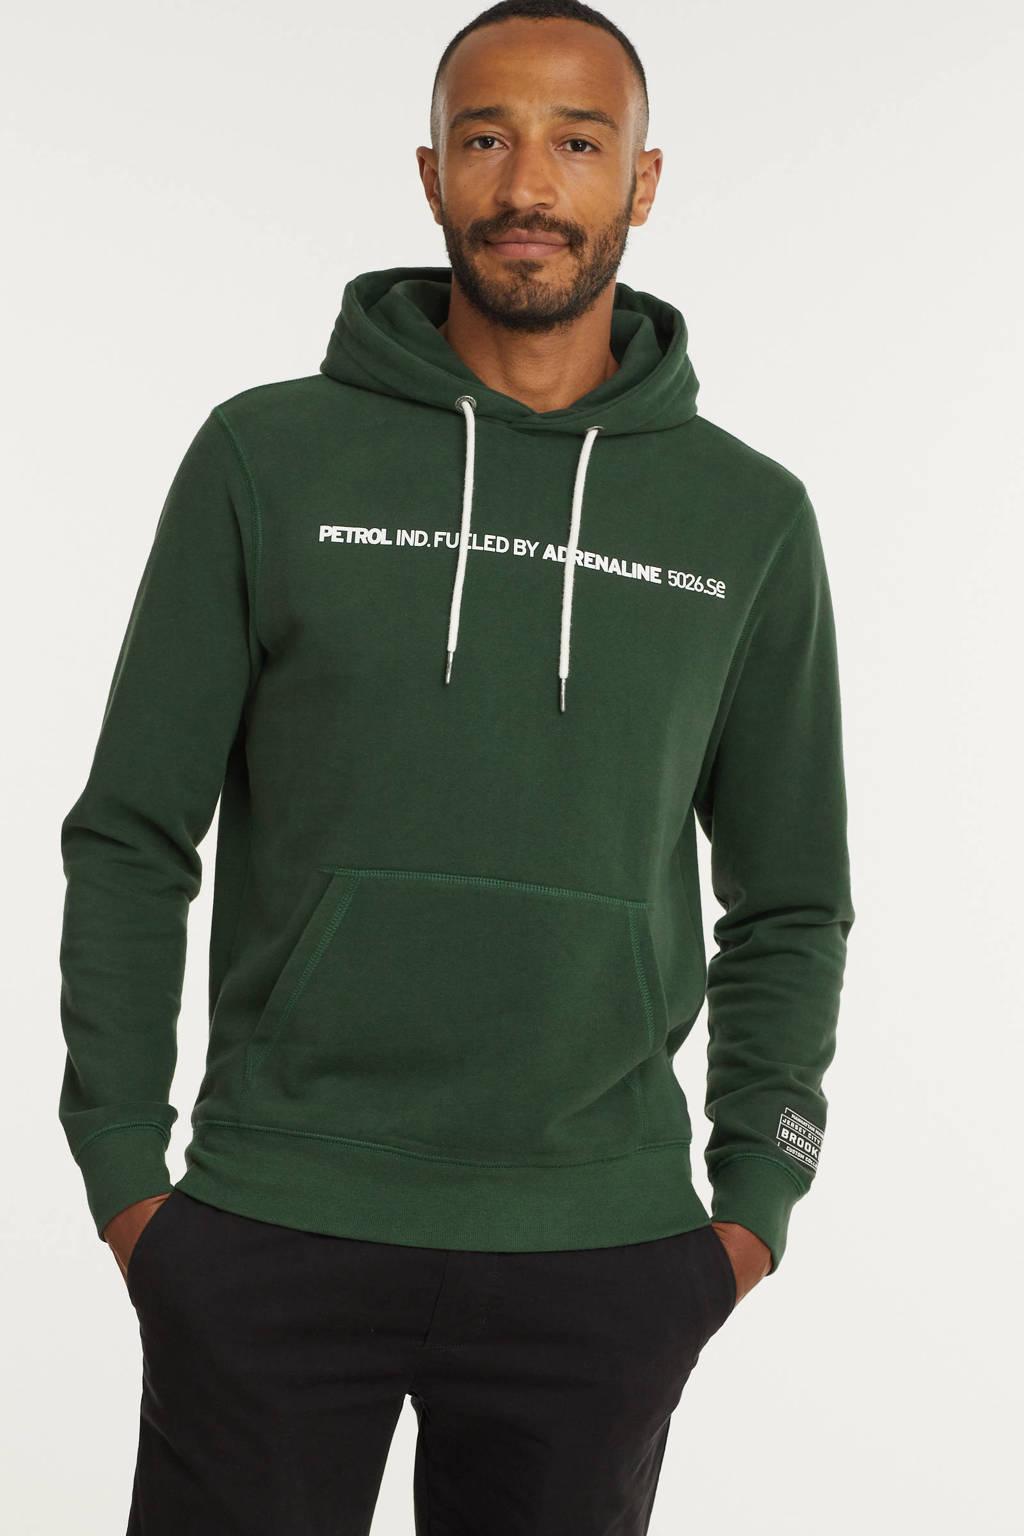 Petrol Industries hoodie met tekst bottle